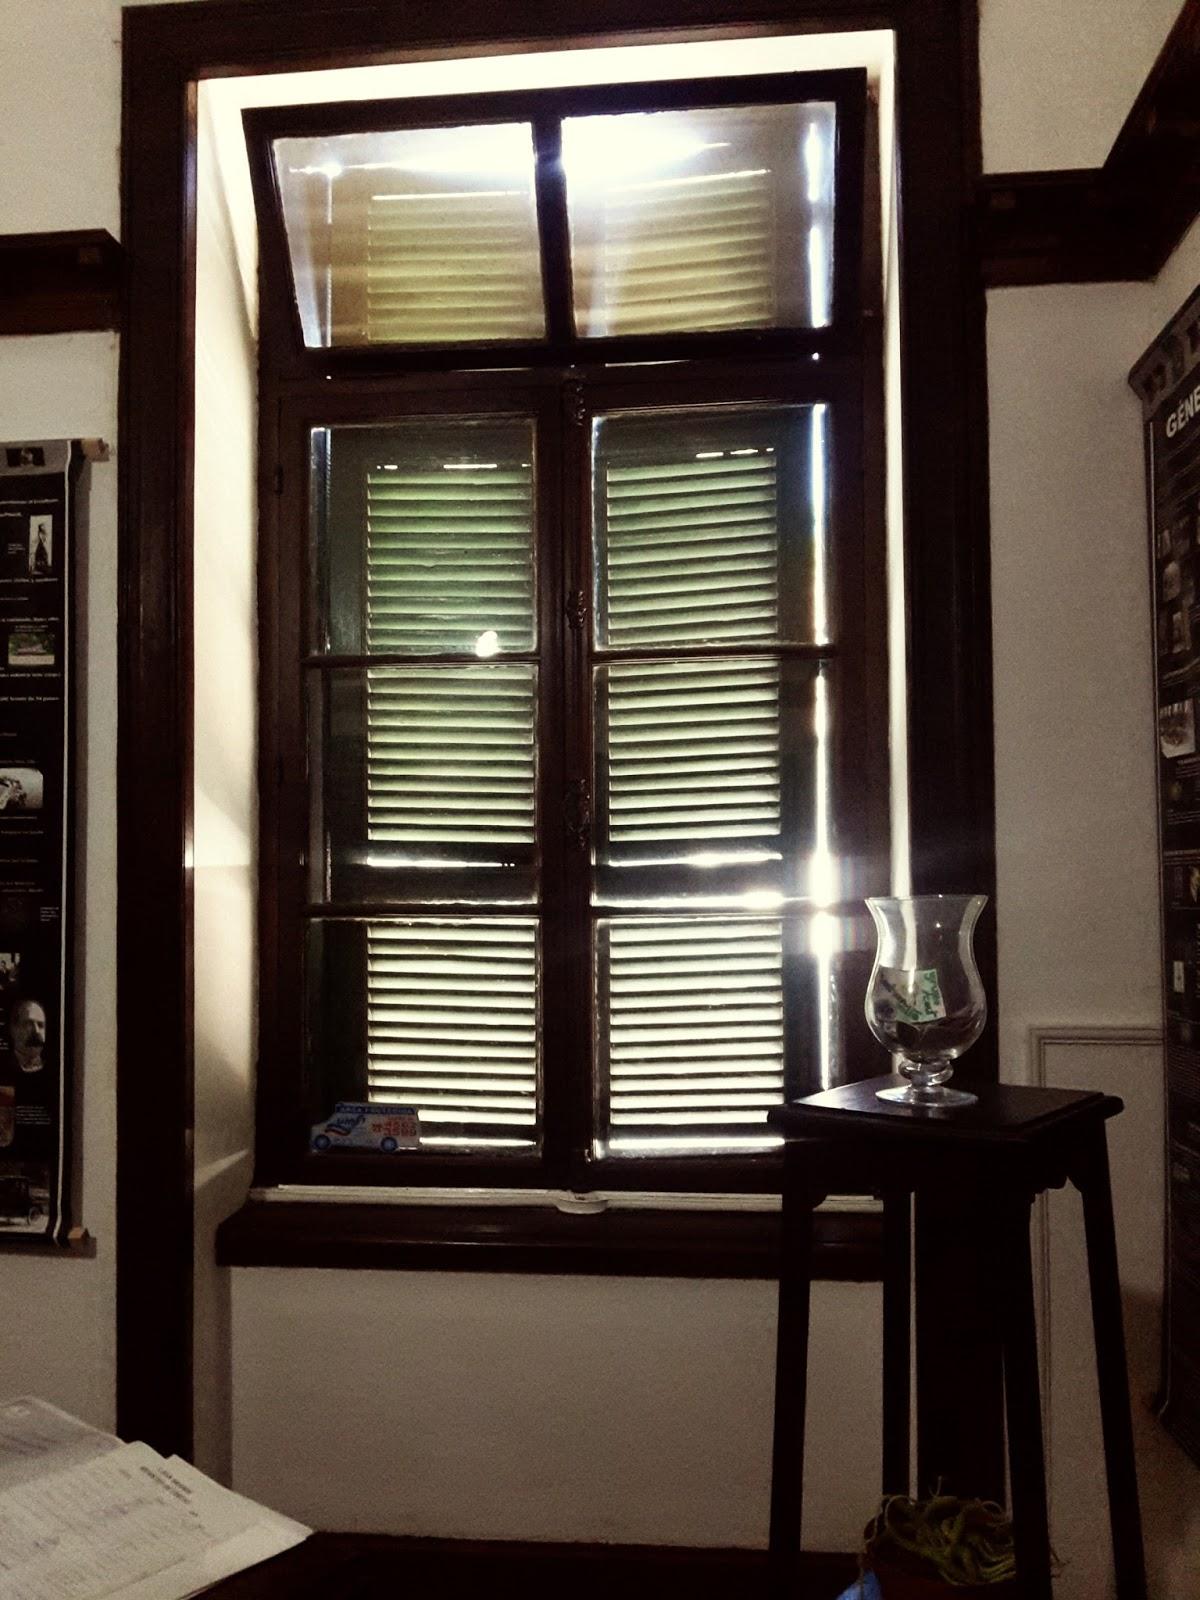 Blog oficial de beatriz tello uruguay la cocina de la - Cocinas tello ...